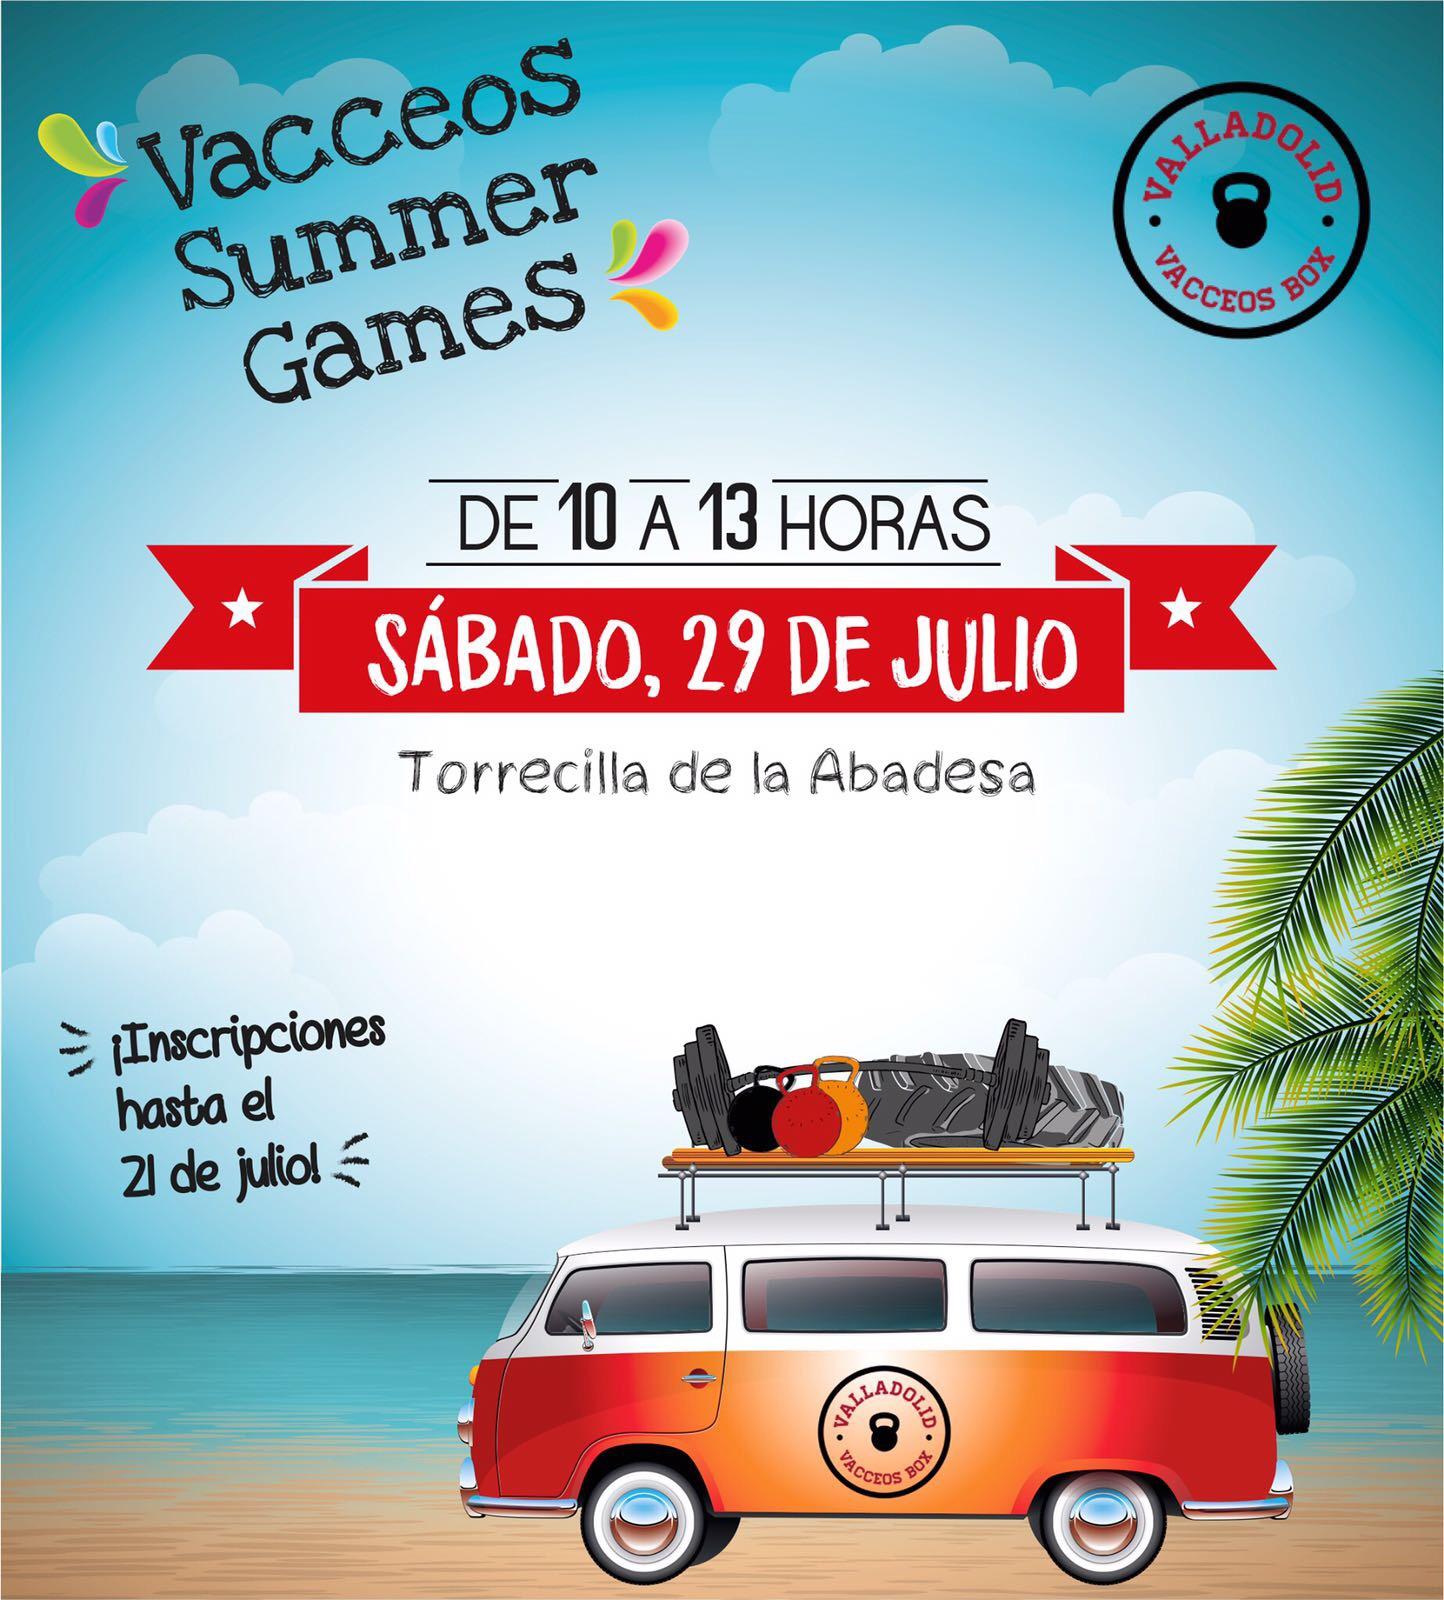 Vacceos Summer Games 2017 – Resultados Masculino